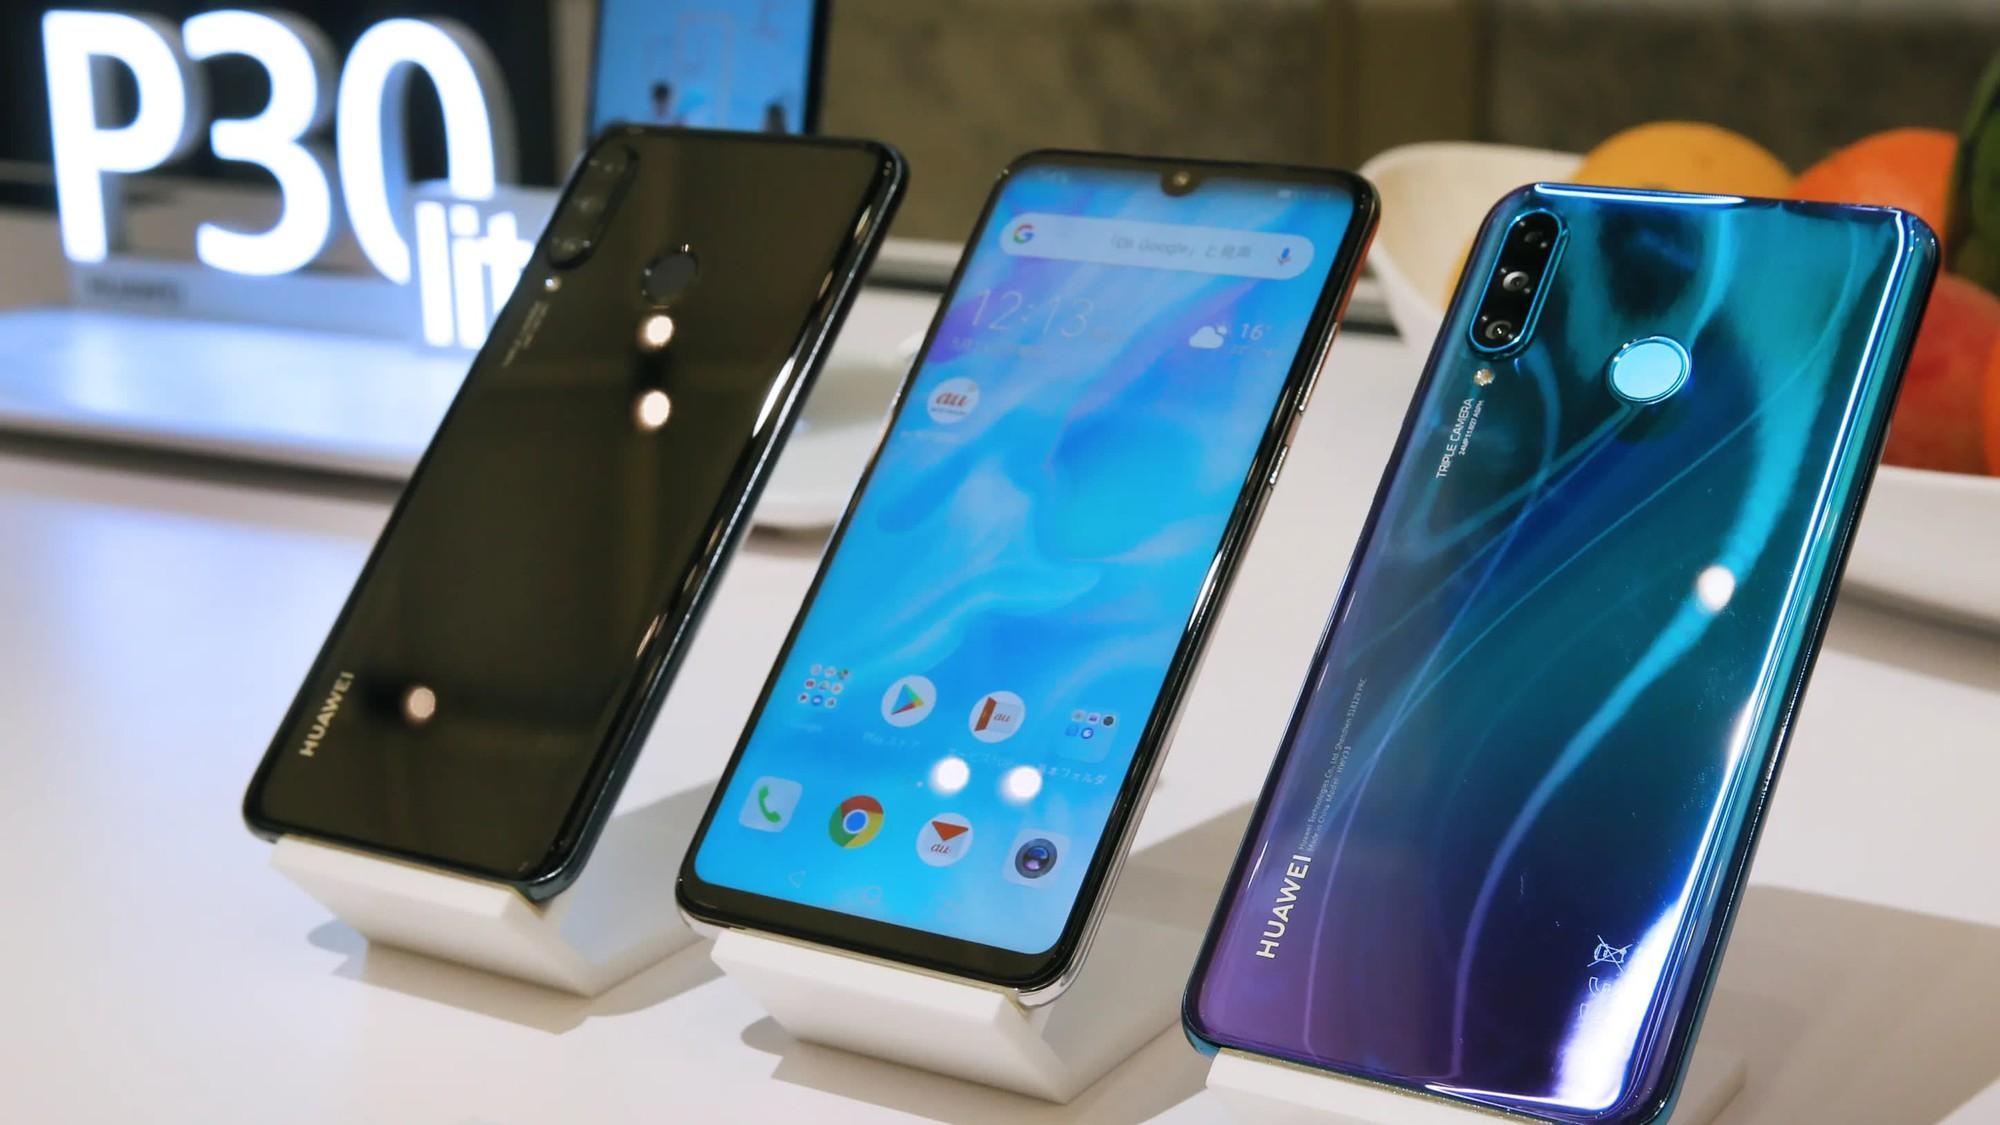 Xo-do-ki-luc-cu-Huawei-ban-duoc-200-trieu-dien-thoai-khi-chua-het-nam-2